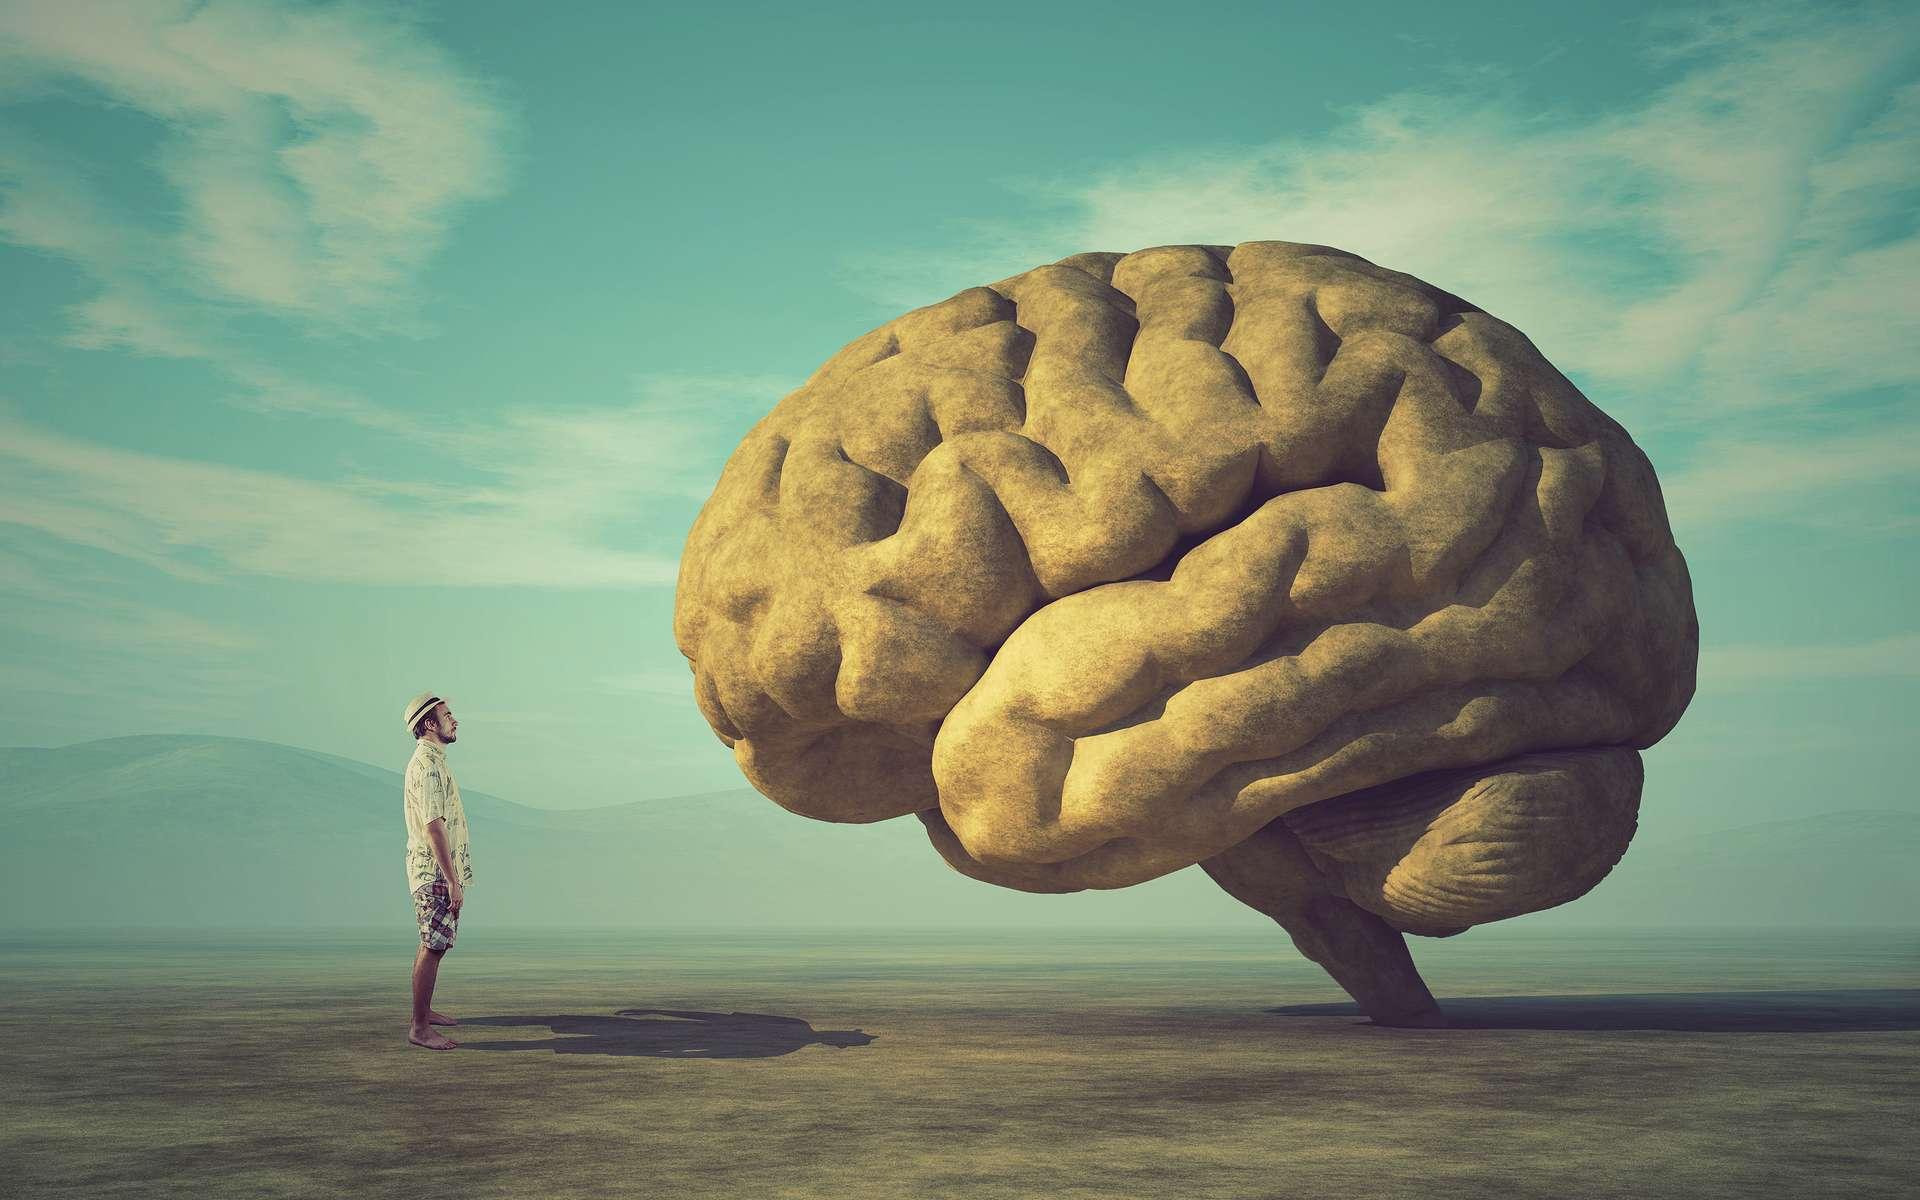 En stimulant des zones spécifiques de votre cerveau, on peut vous faire ressentir certaines choses. © Orlando Florin Rosu, Adobe Stock